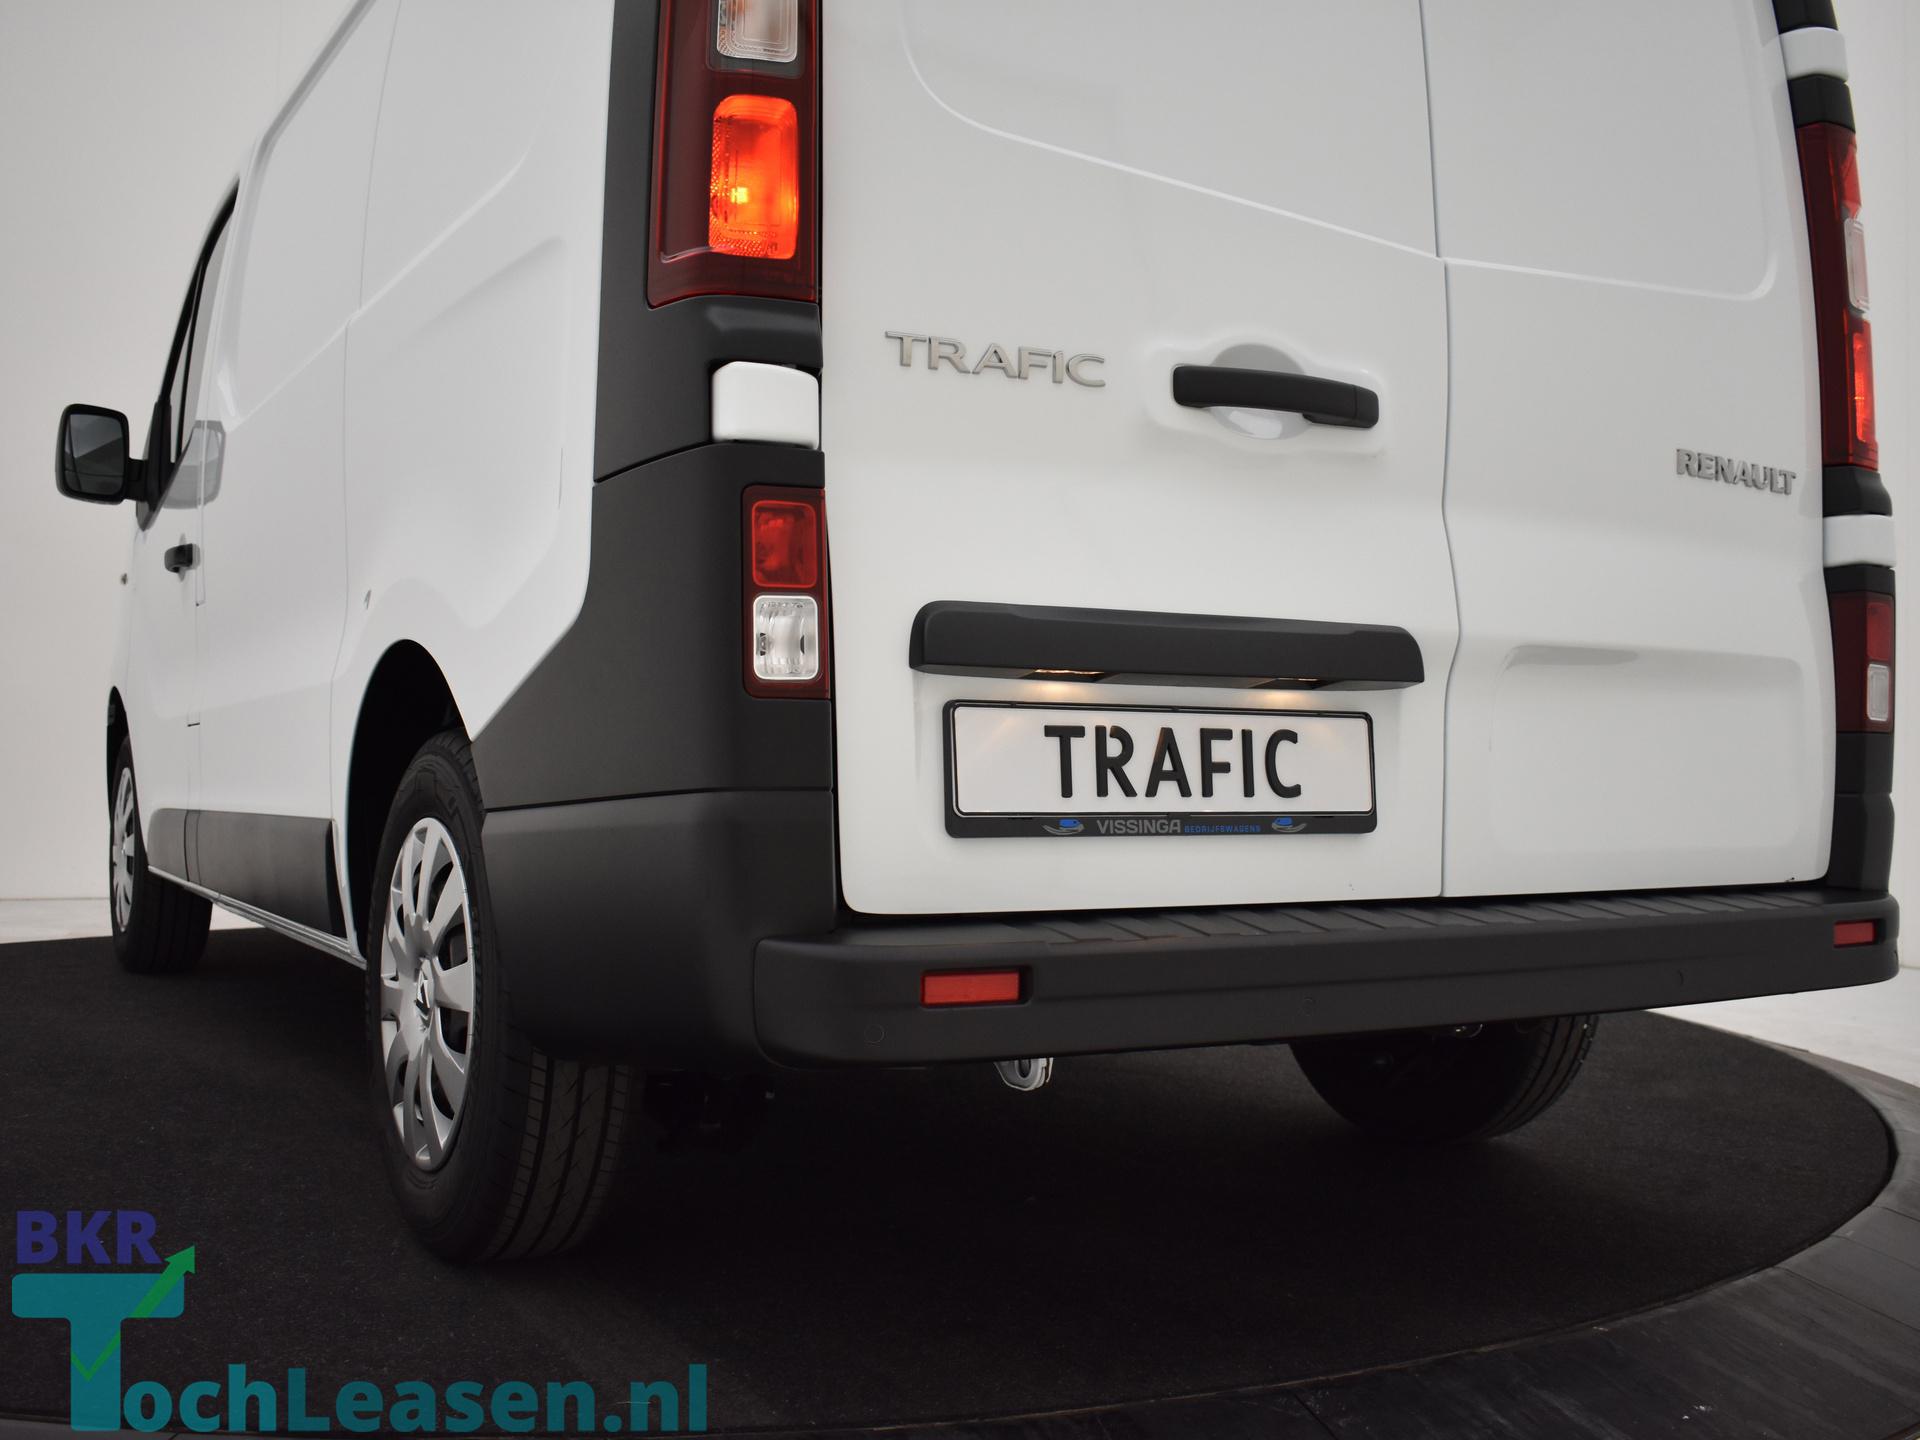 BkrTochLeasen.nl 24